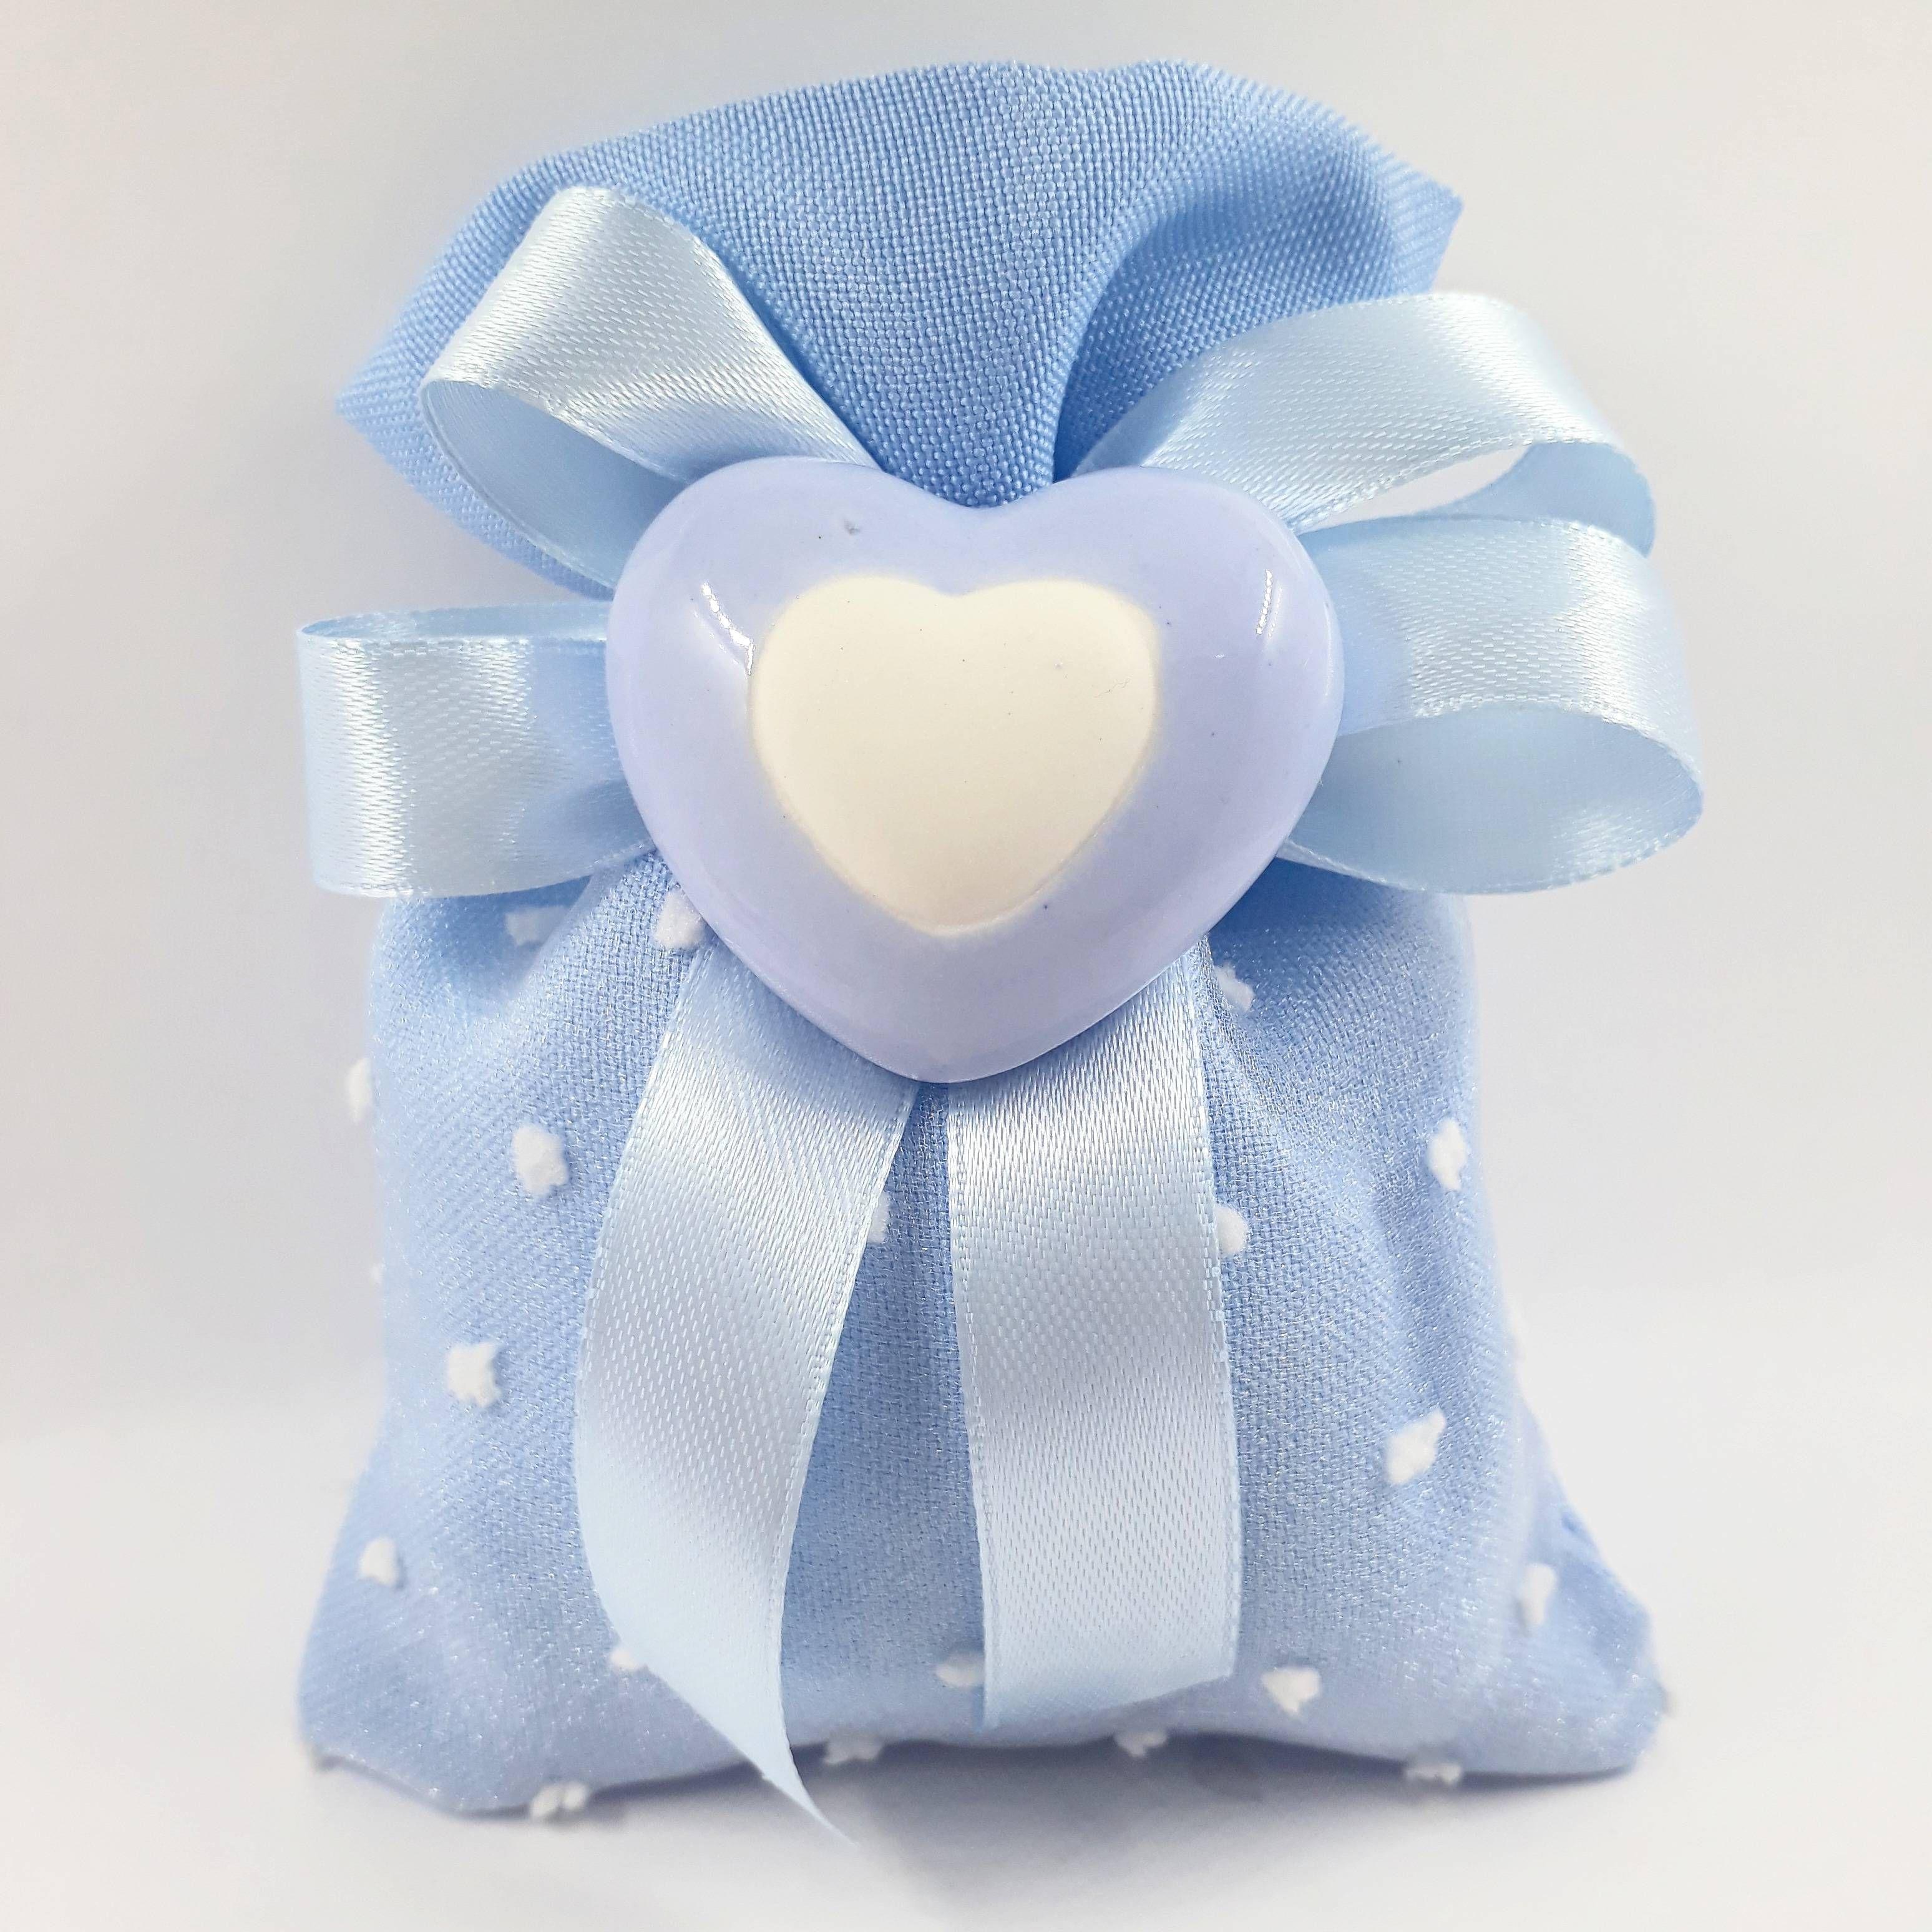 Sacchetto Porta Confetti Azzurro In Cotone Con Cuore In Ceramica Bomboniere Uniche Confetti Battesimo